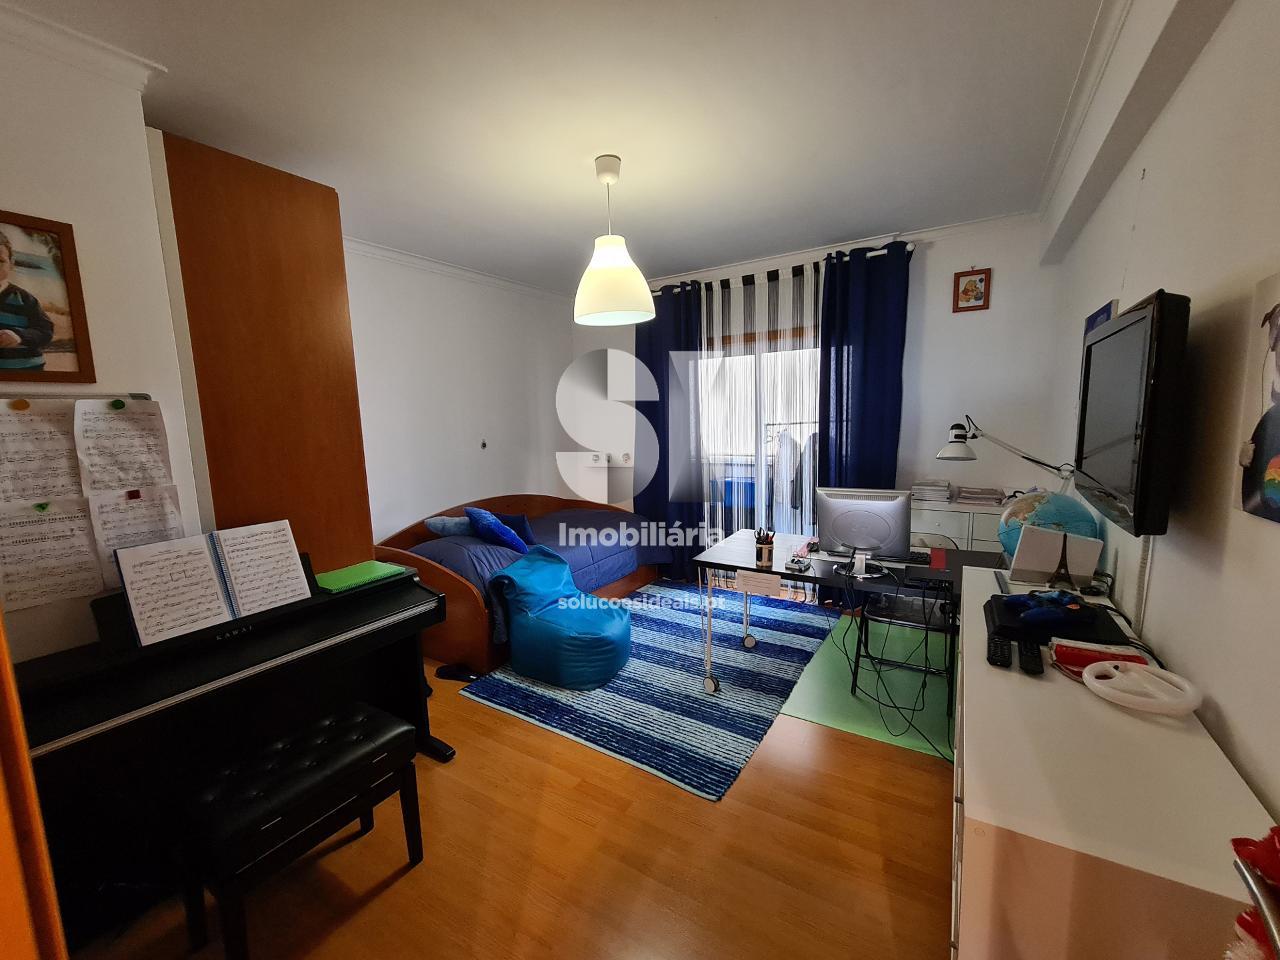 apartamento t2 para compra em oeiras barcarena ALMSB698